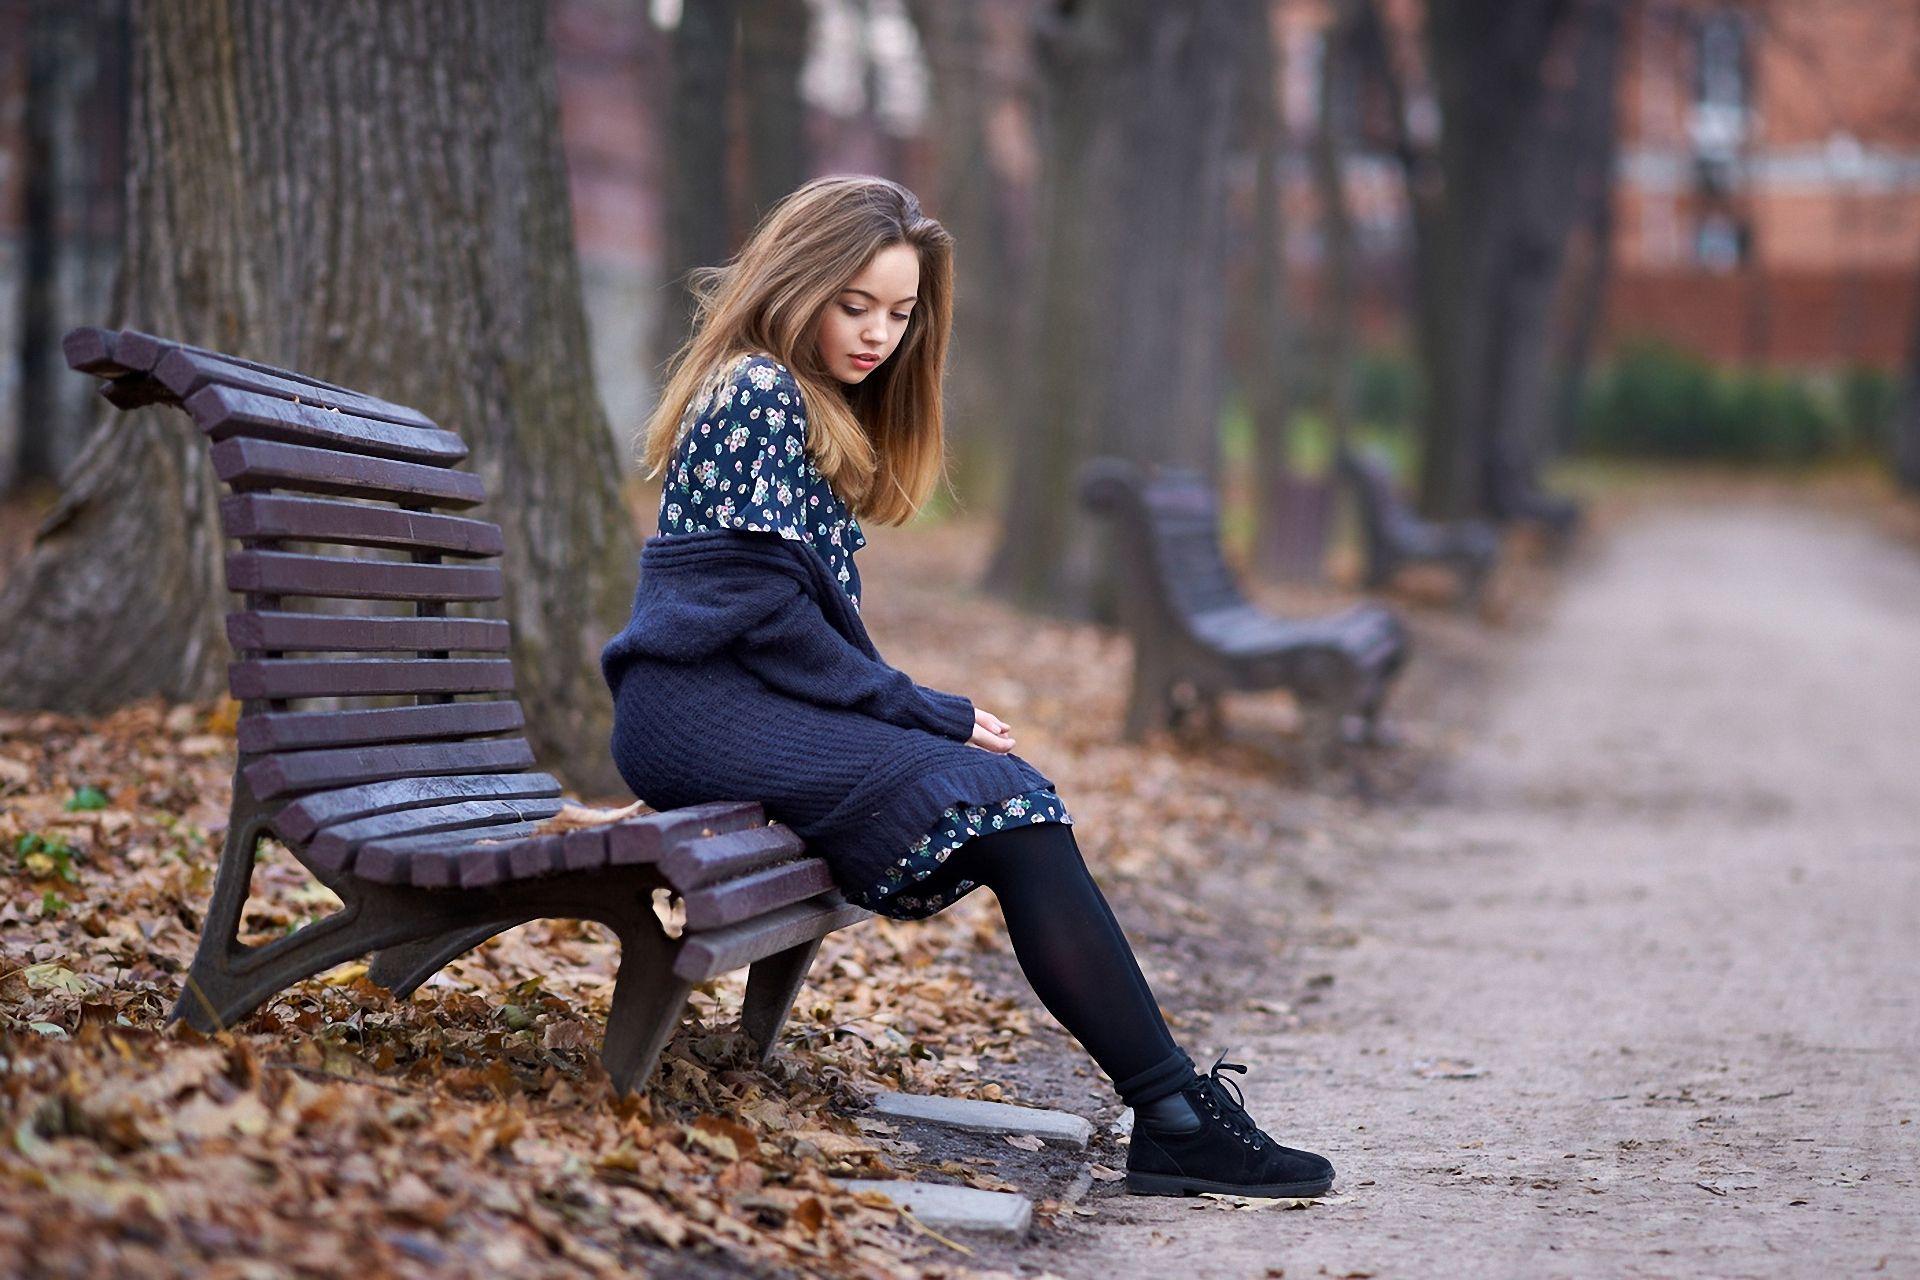 Фото девушка на лавочке фото 317-570